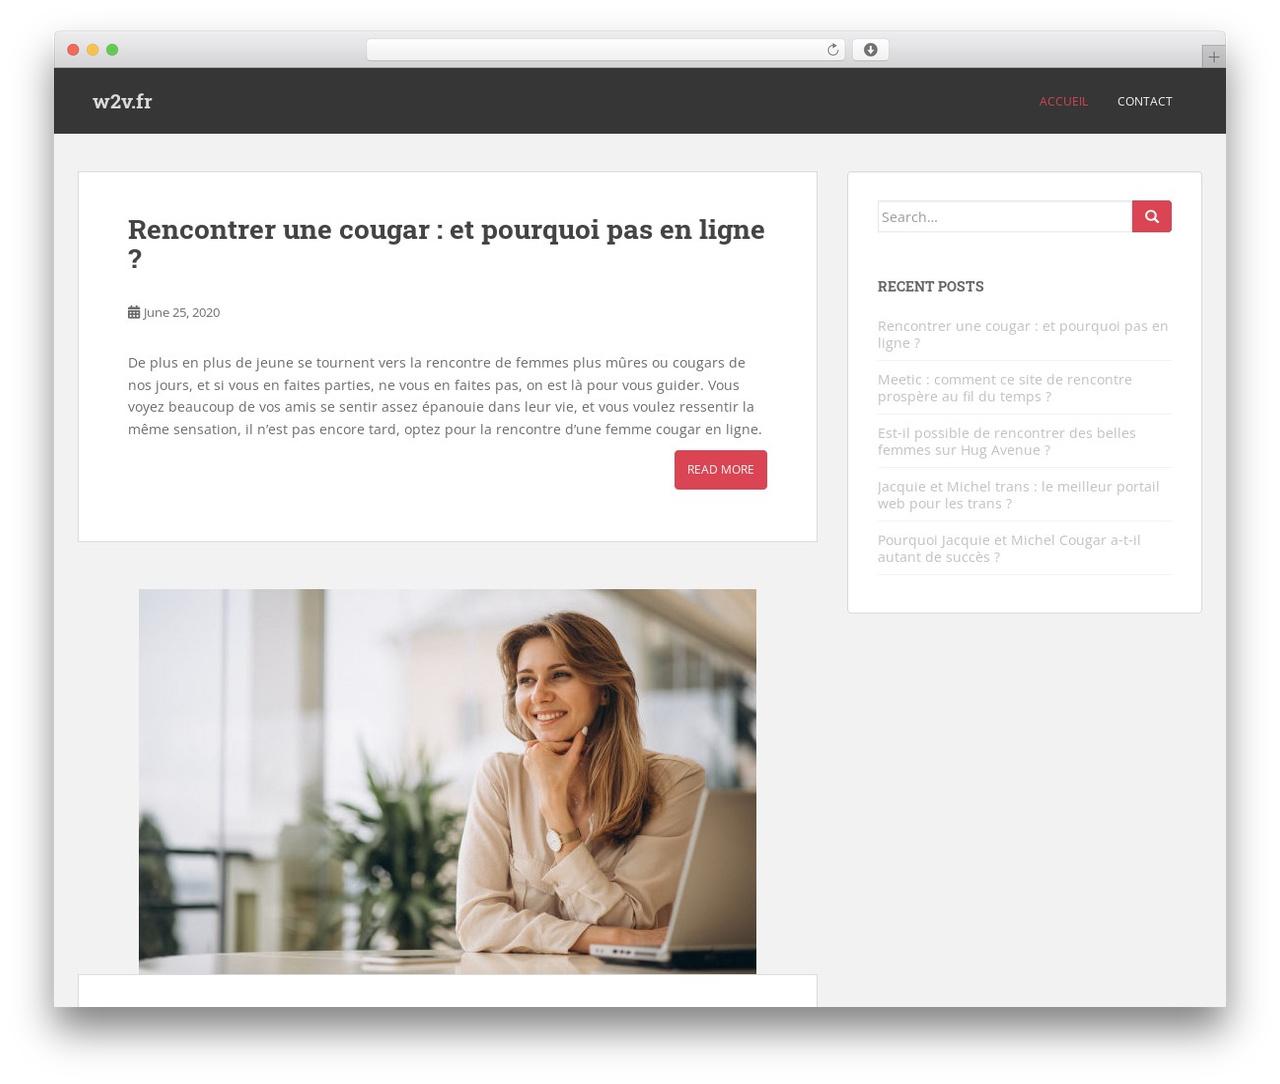 modèle WordPress site de rencontres lignes d'introduction pour les rencontres en ligne